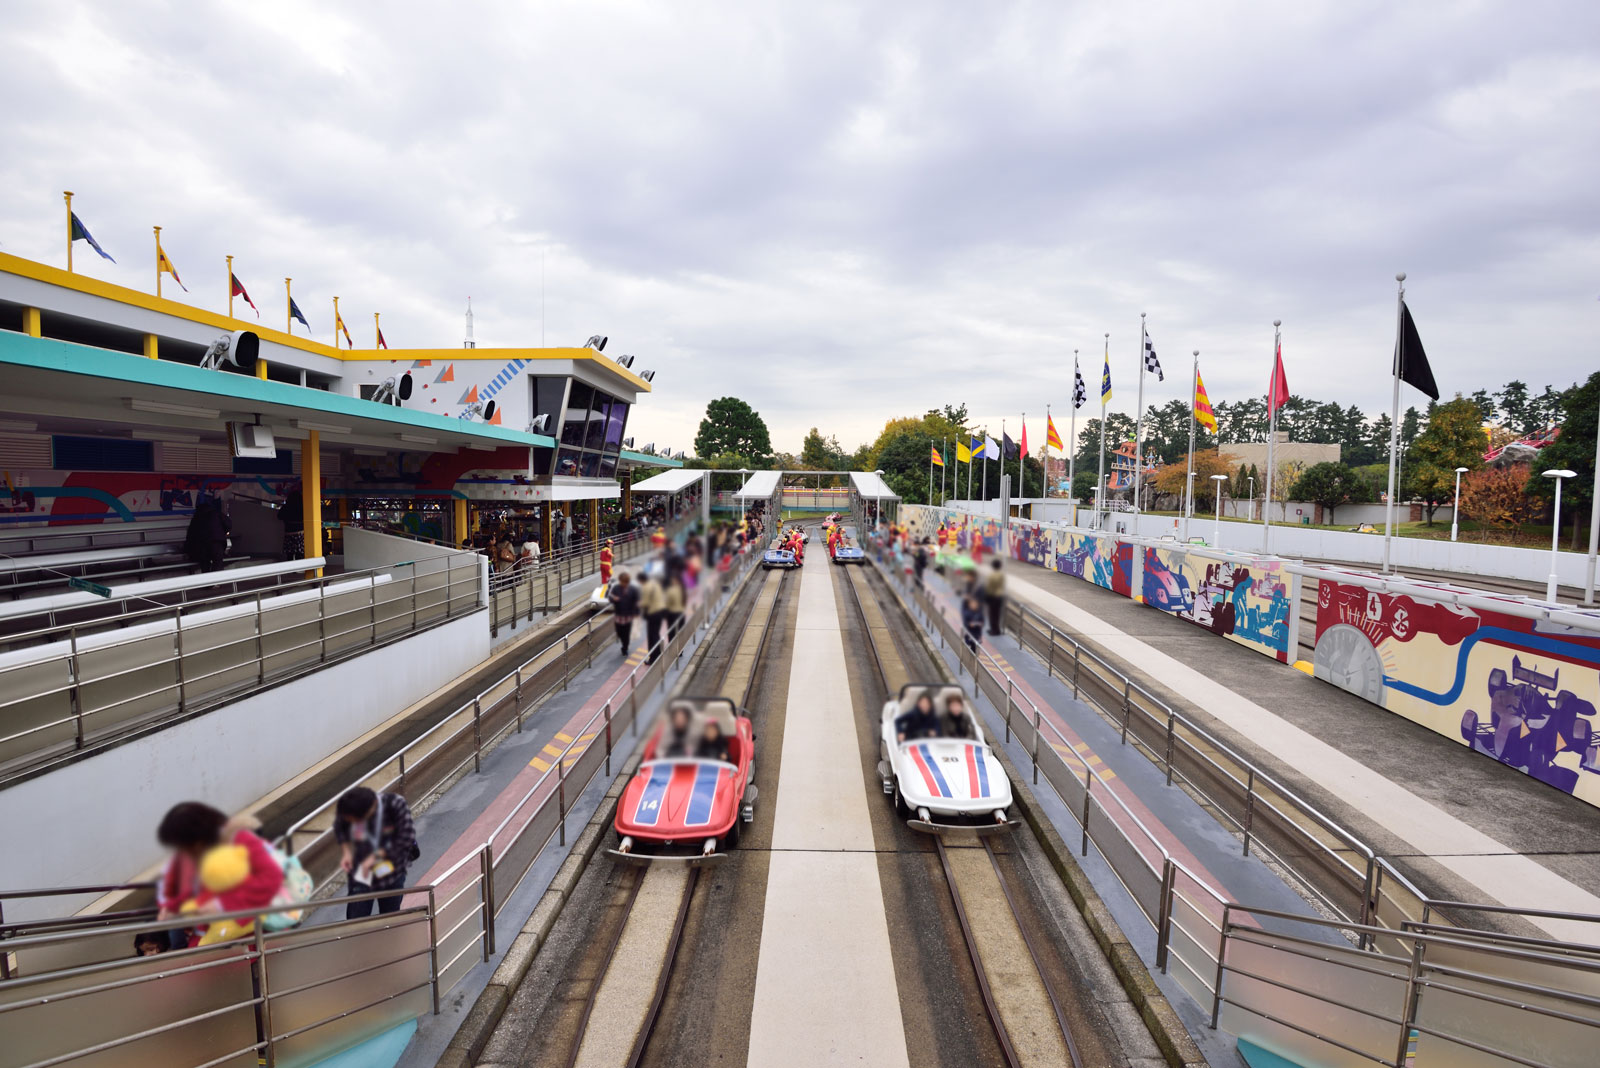 東京ディズニーランド グランドサーキット・レースウェイ